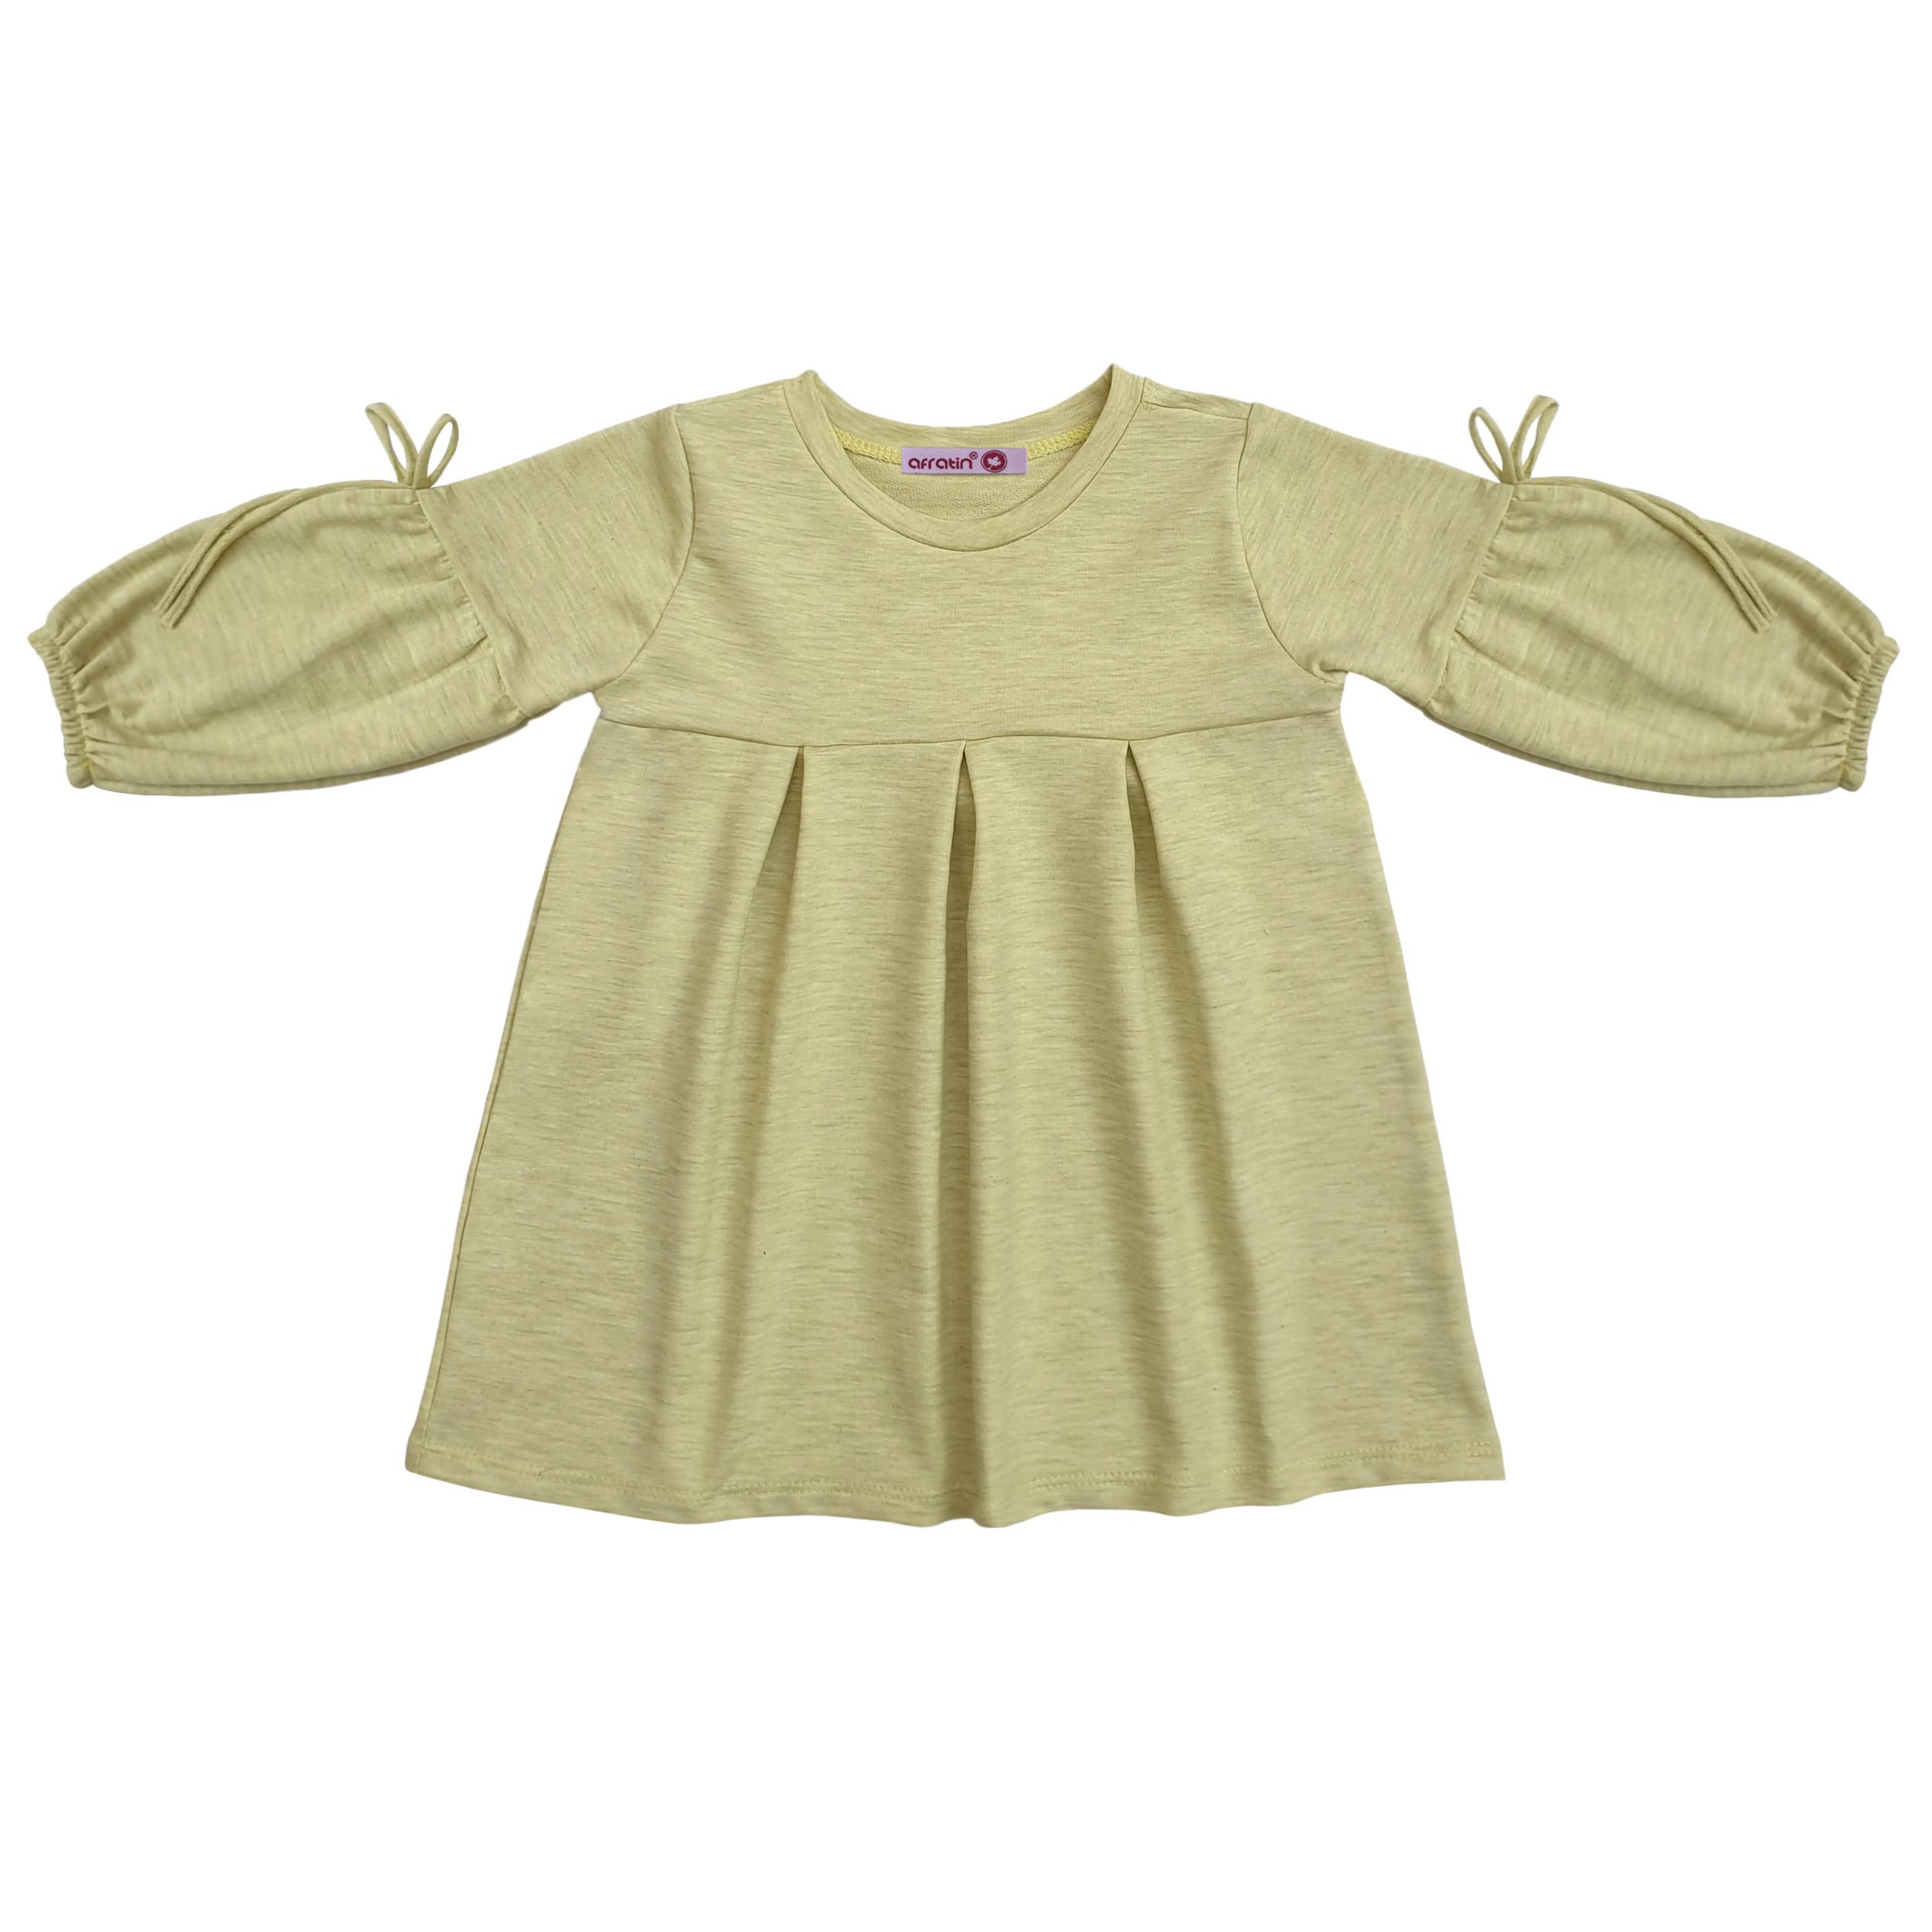 پیراهن دخترانه افراتین کد 0003 رنگ لیمویی